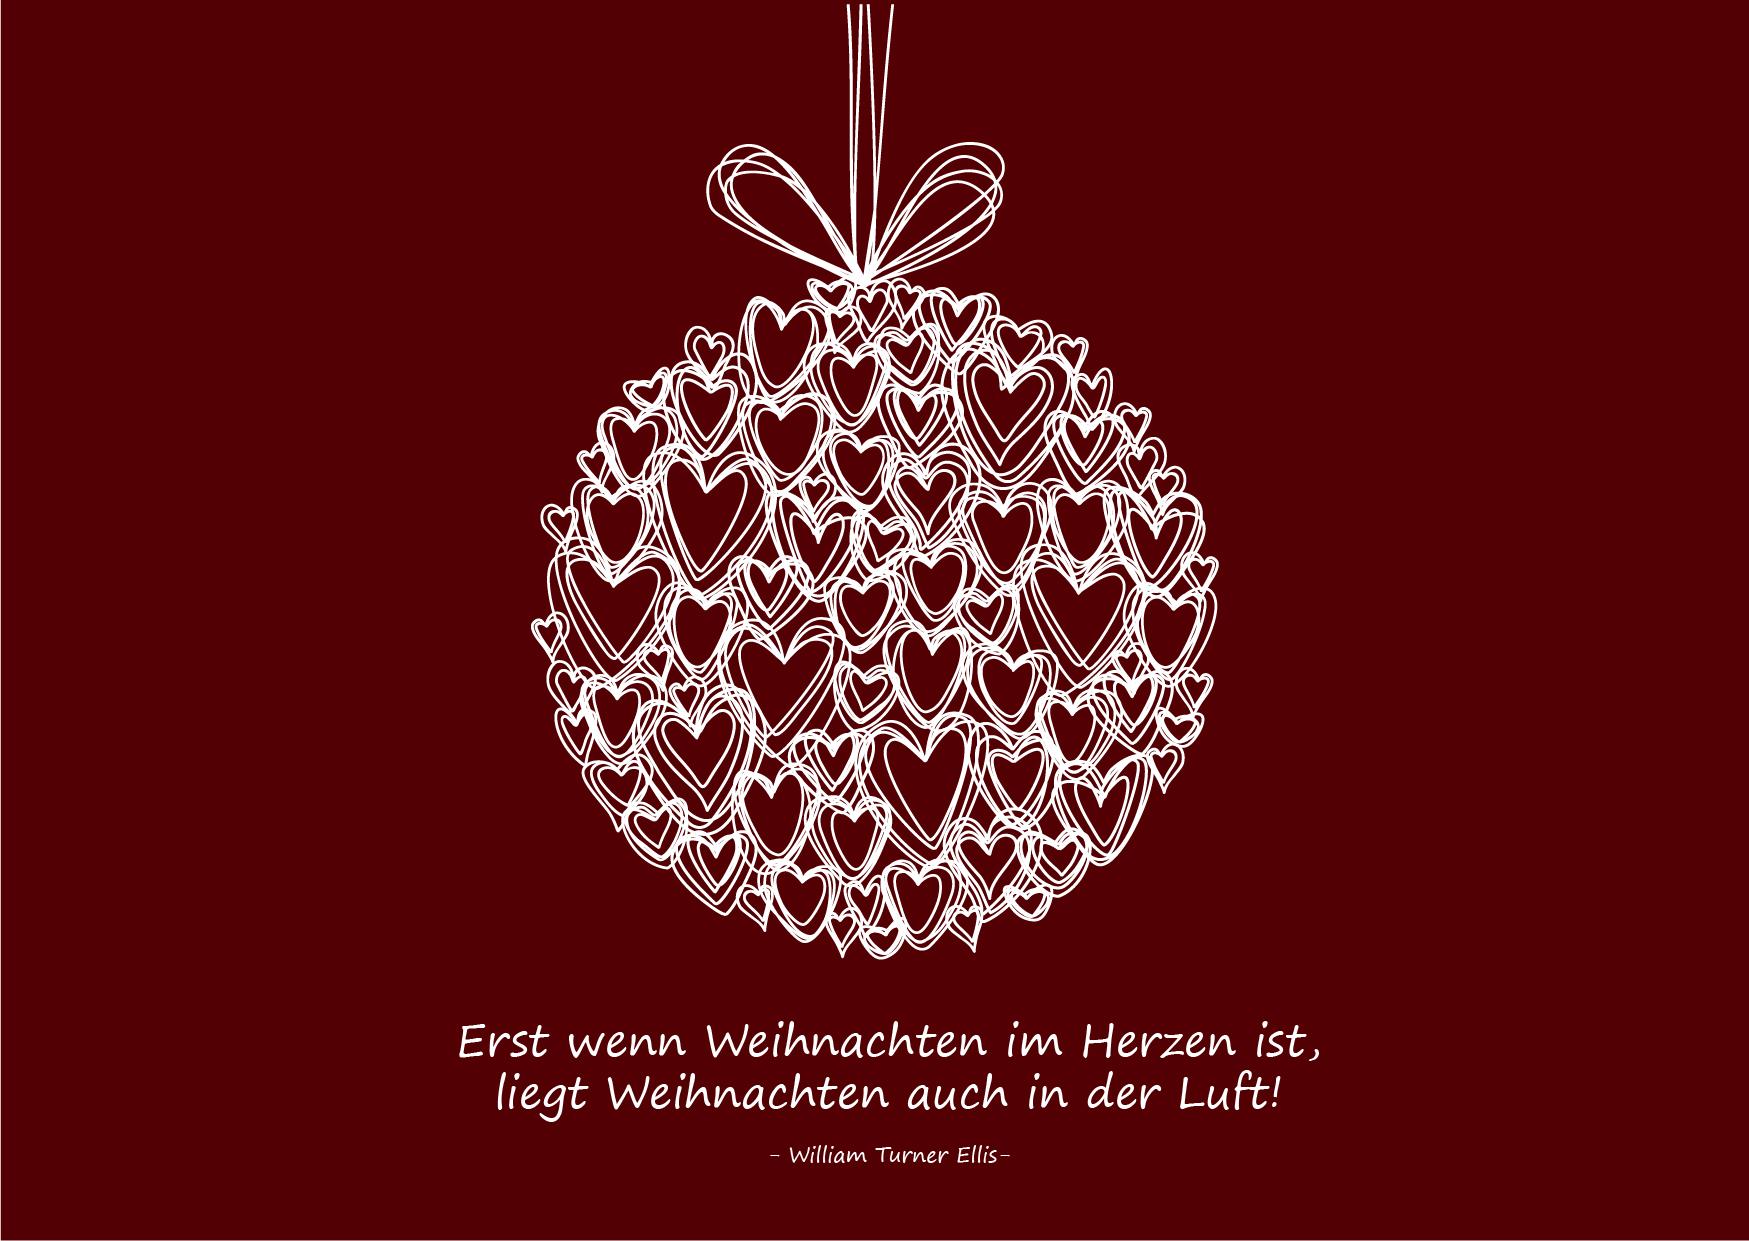 """Weihnachtsgrüße als Karte zum Drucken: Zitat """"Erst wenn Weihnachten im Herzen ist, liegt Weihnachten auch in der Luft!"""" (#5)"""